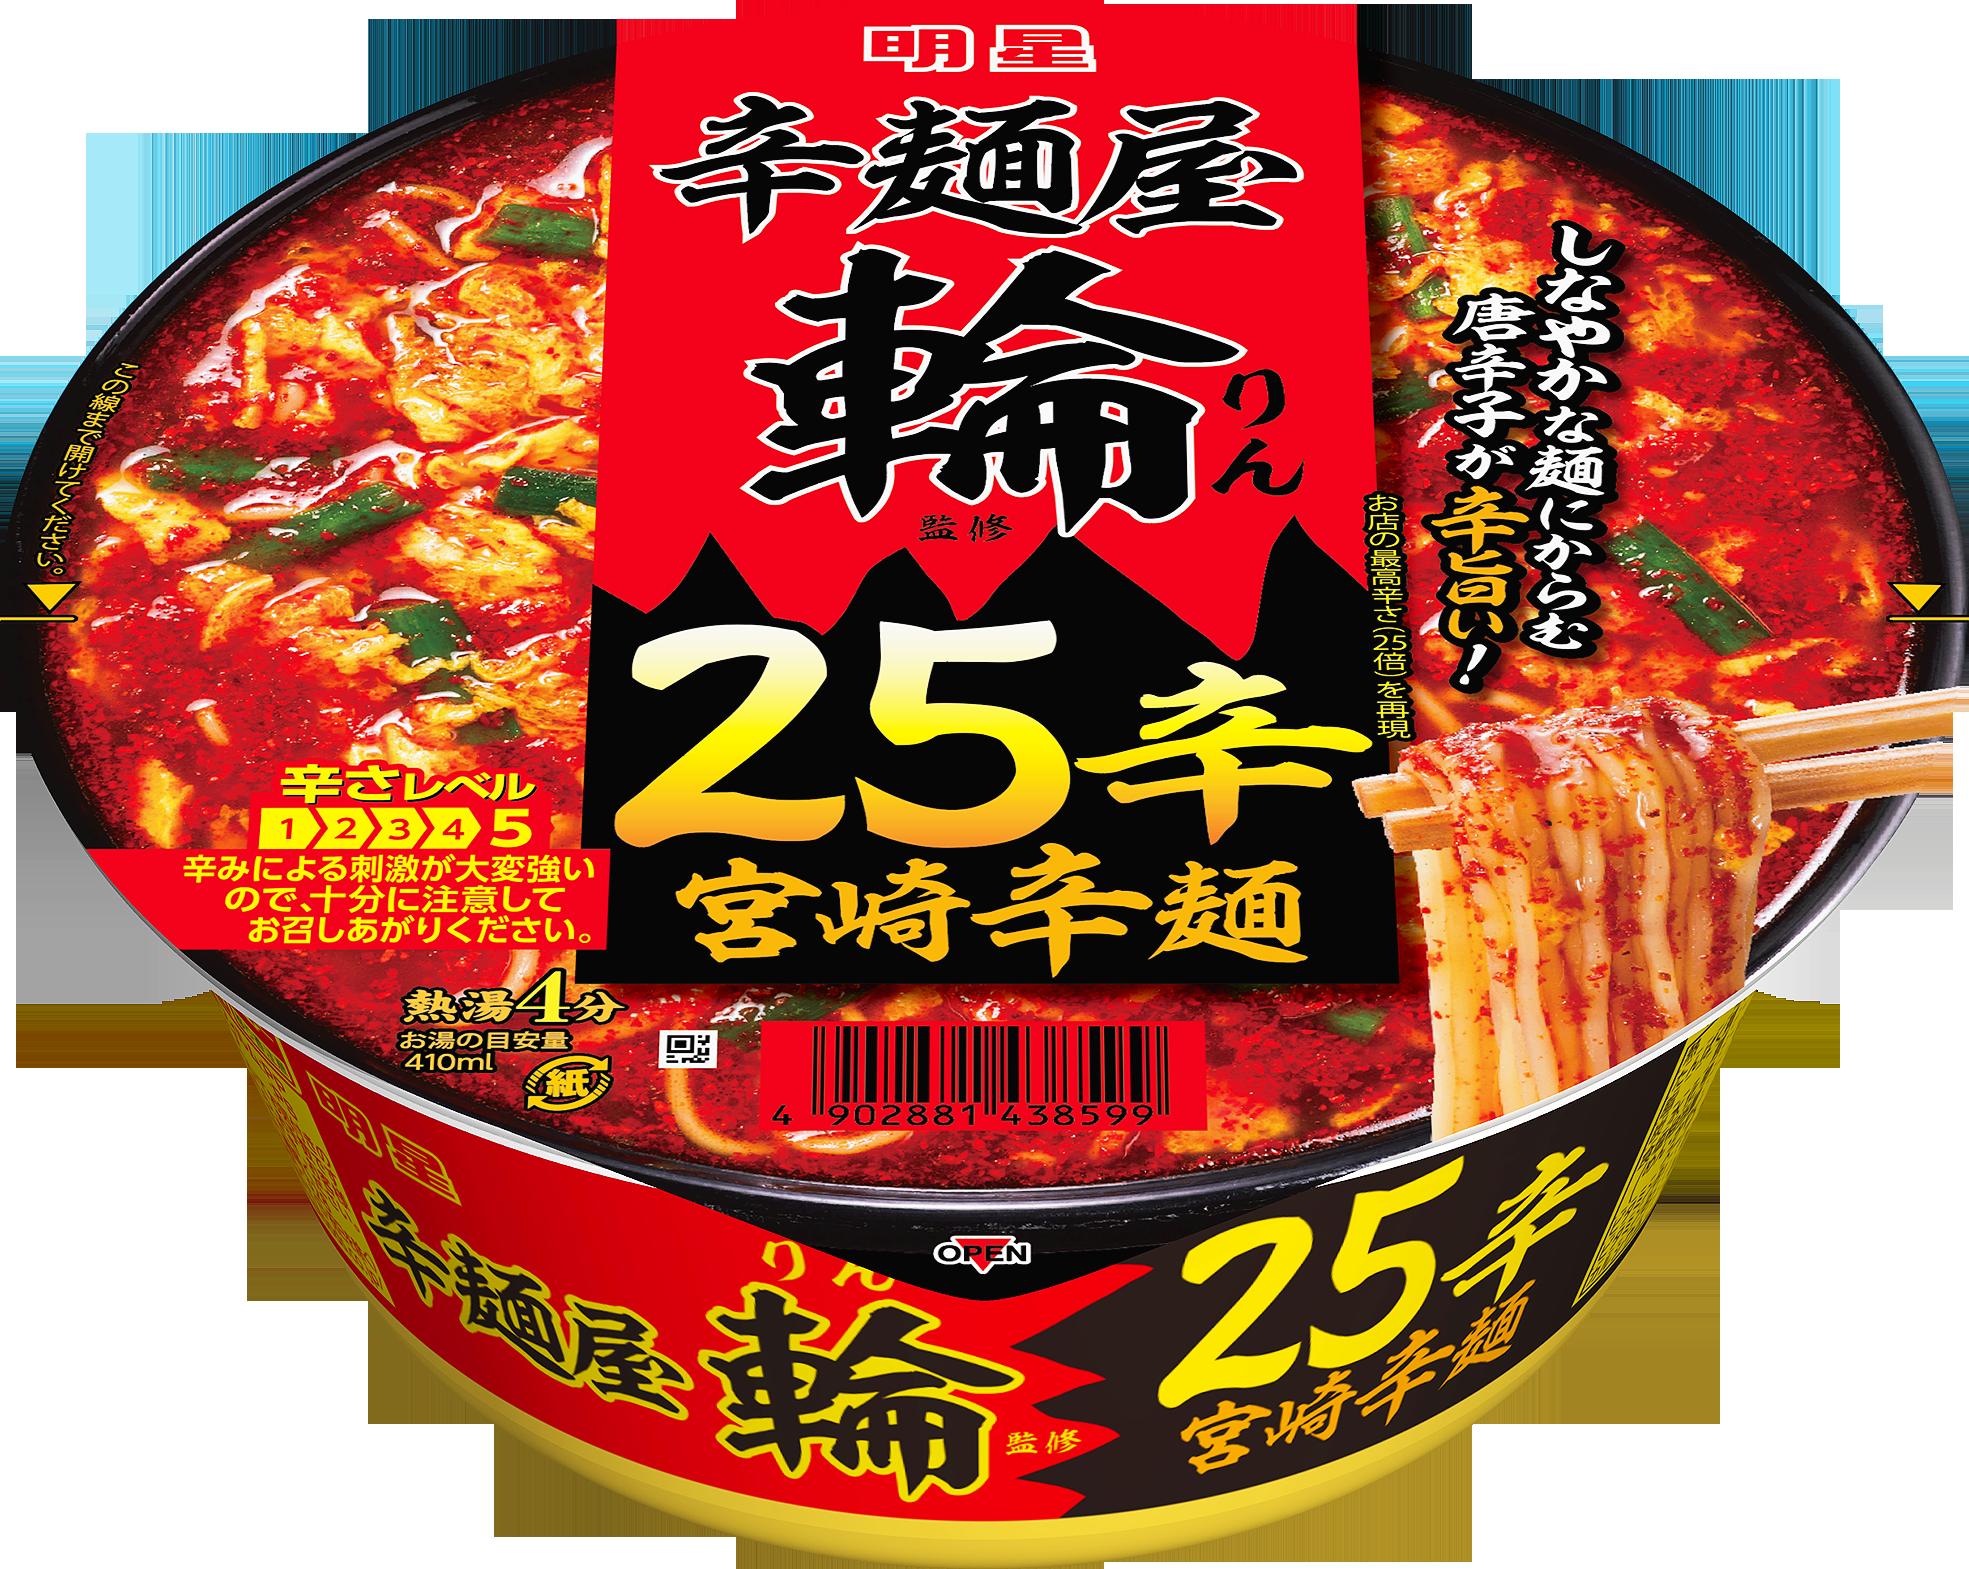 明星 辛麺屋輪監修 25辛宮崎辛麺」(4月20日発売)   日清食品グループ